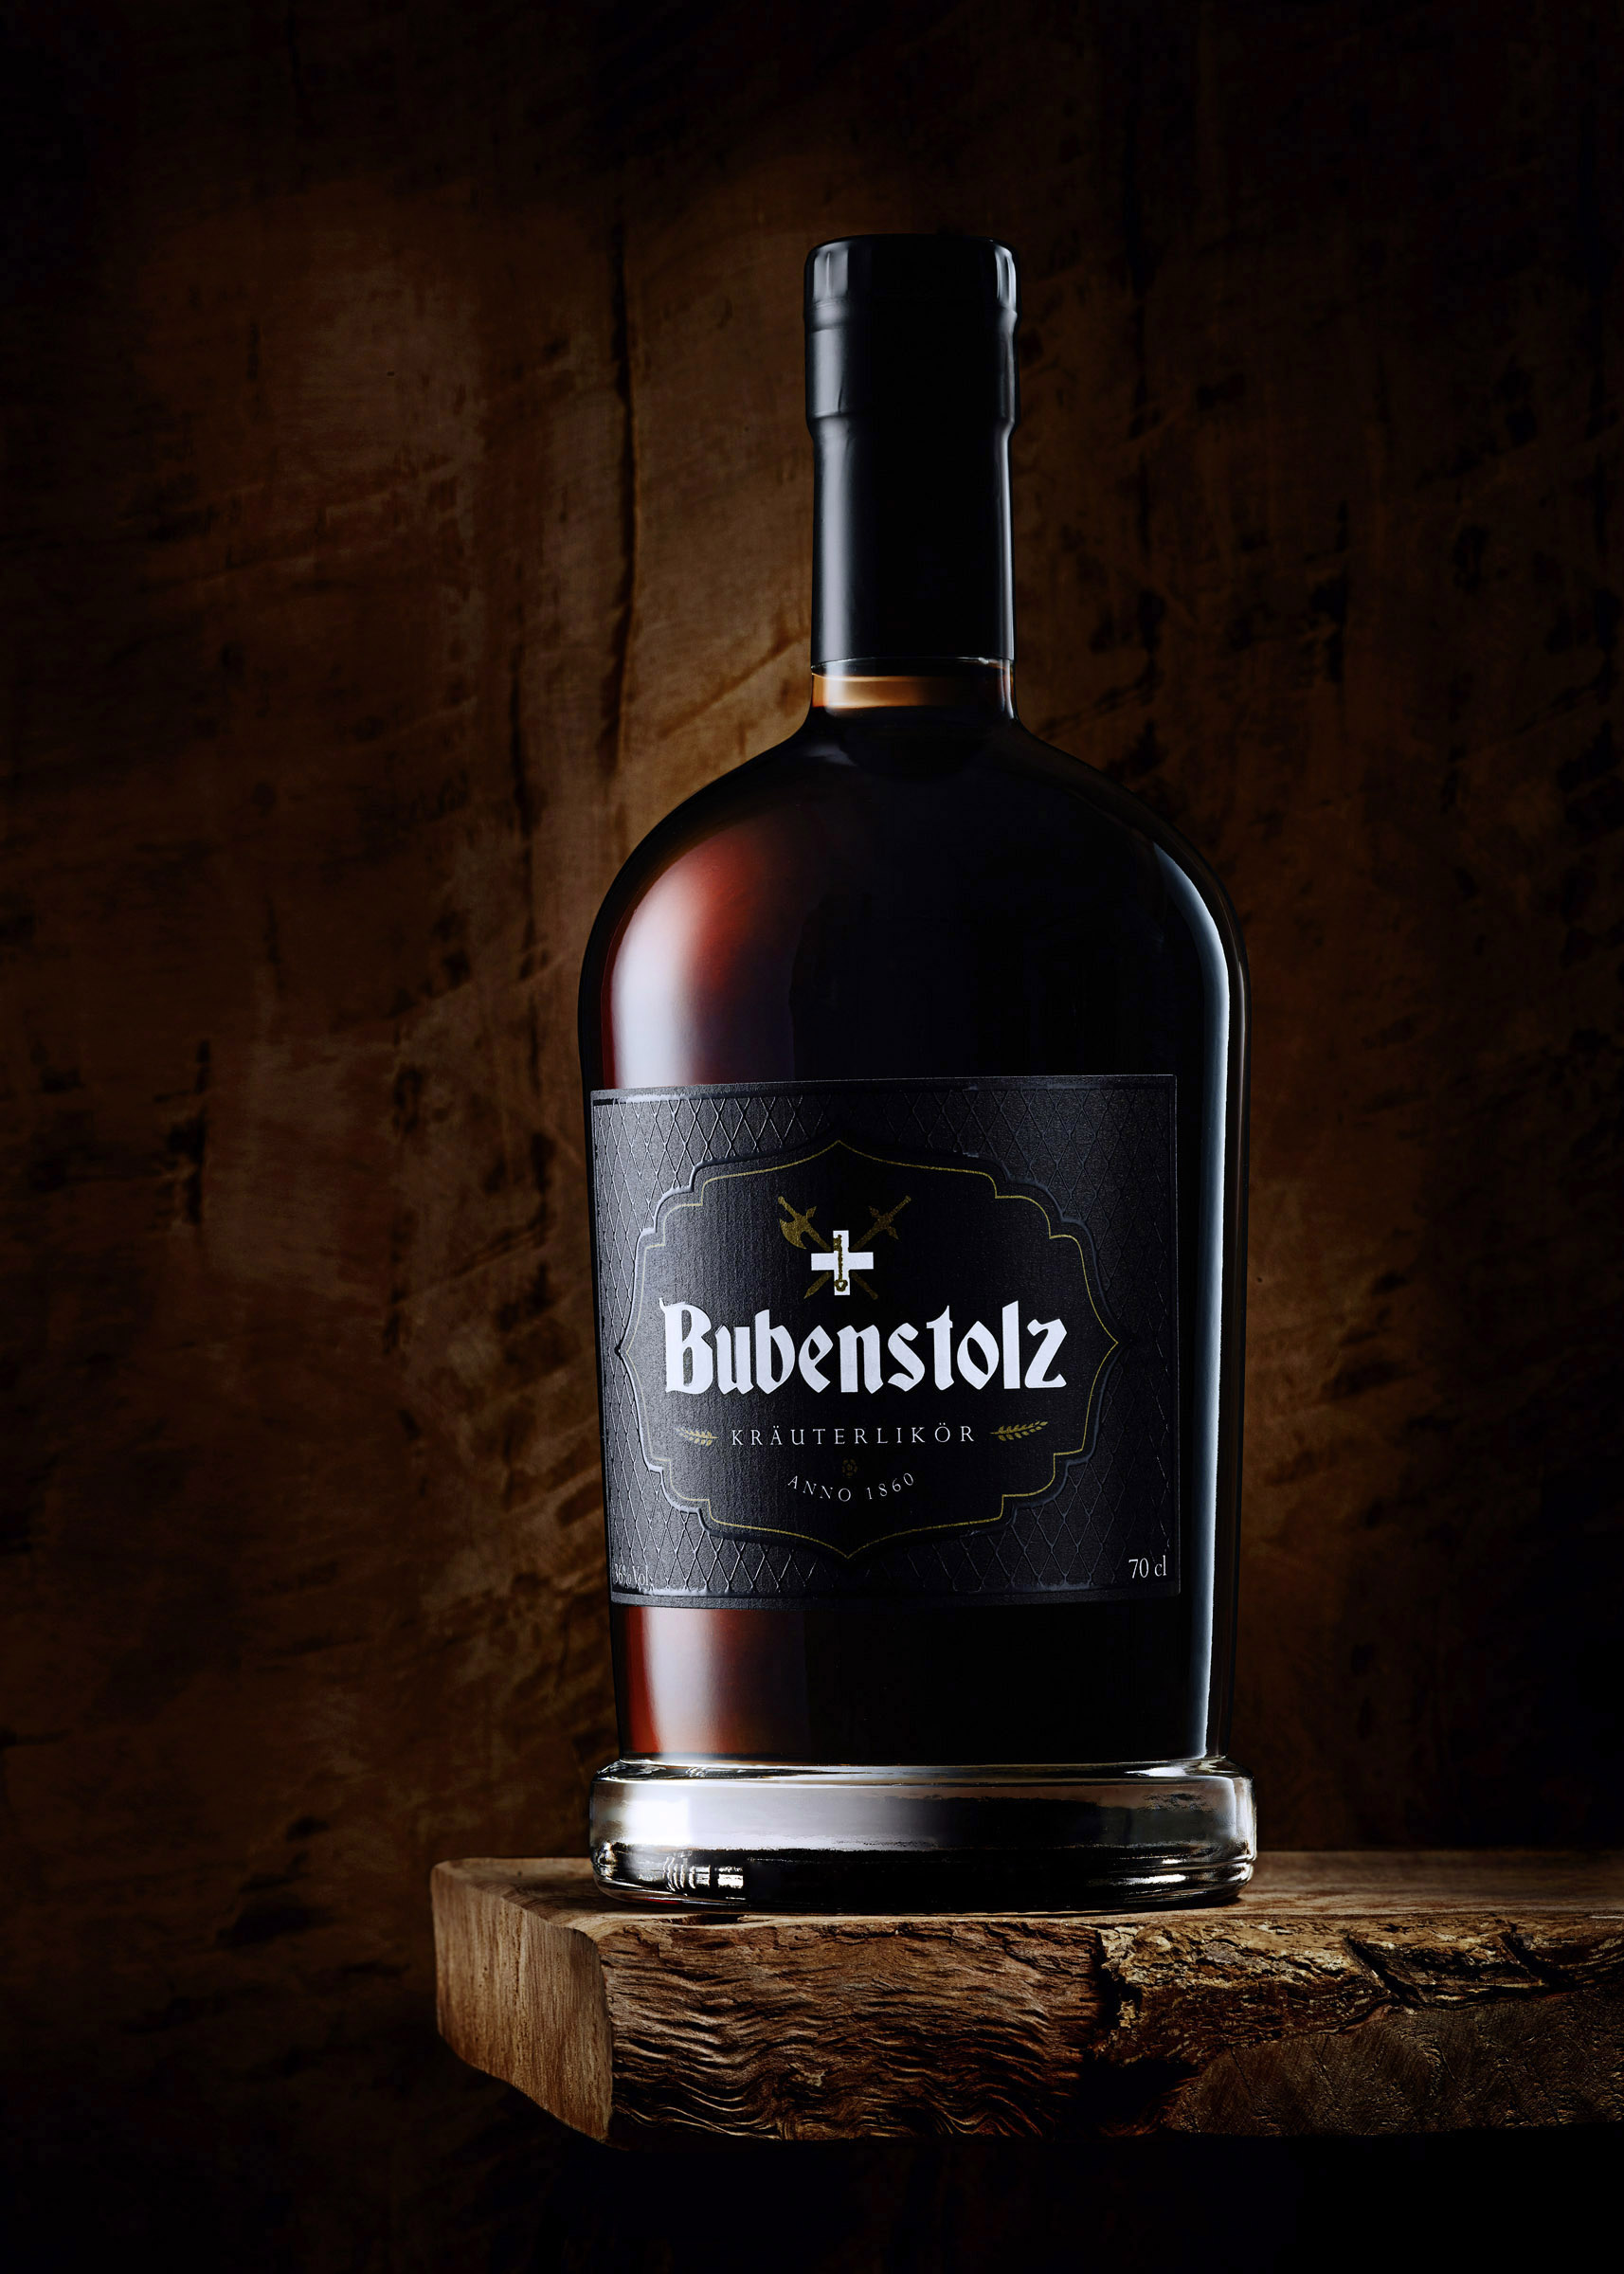 bubenstolz - fotograf: holger puhl